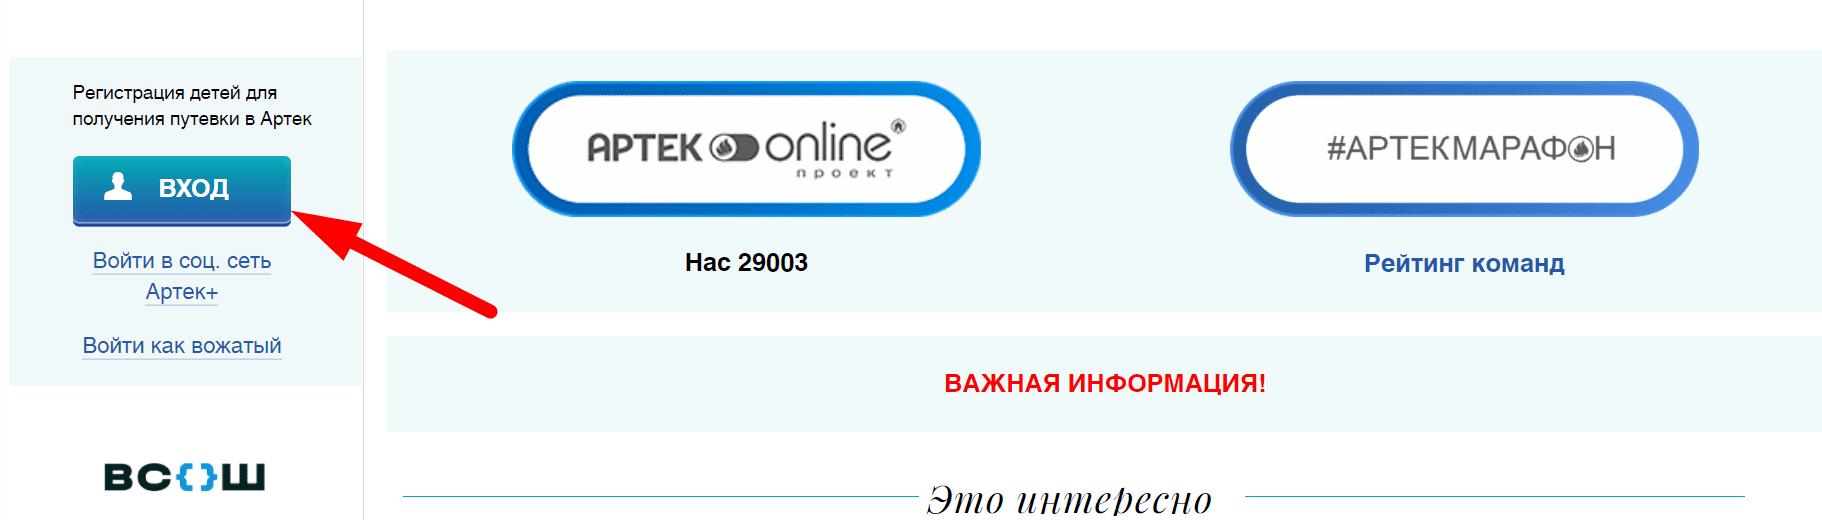 Официальный сайт образовательного учреждения «Артек»